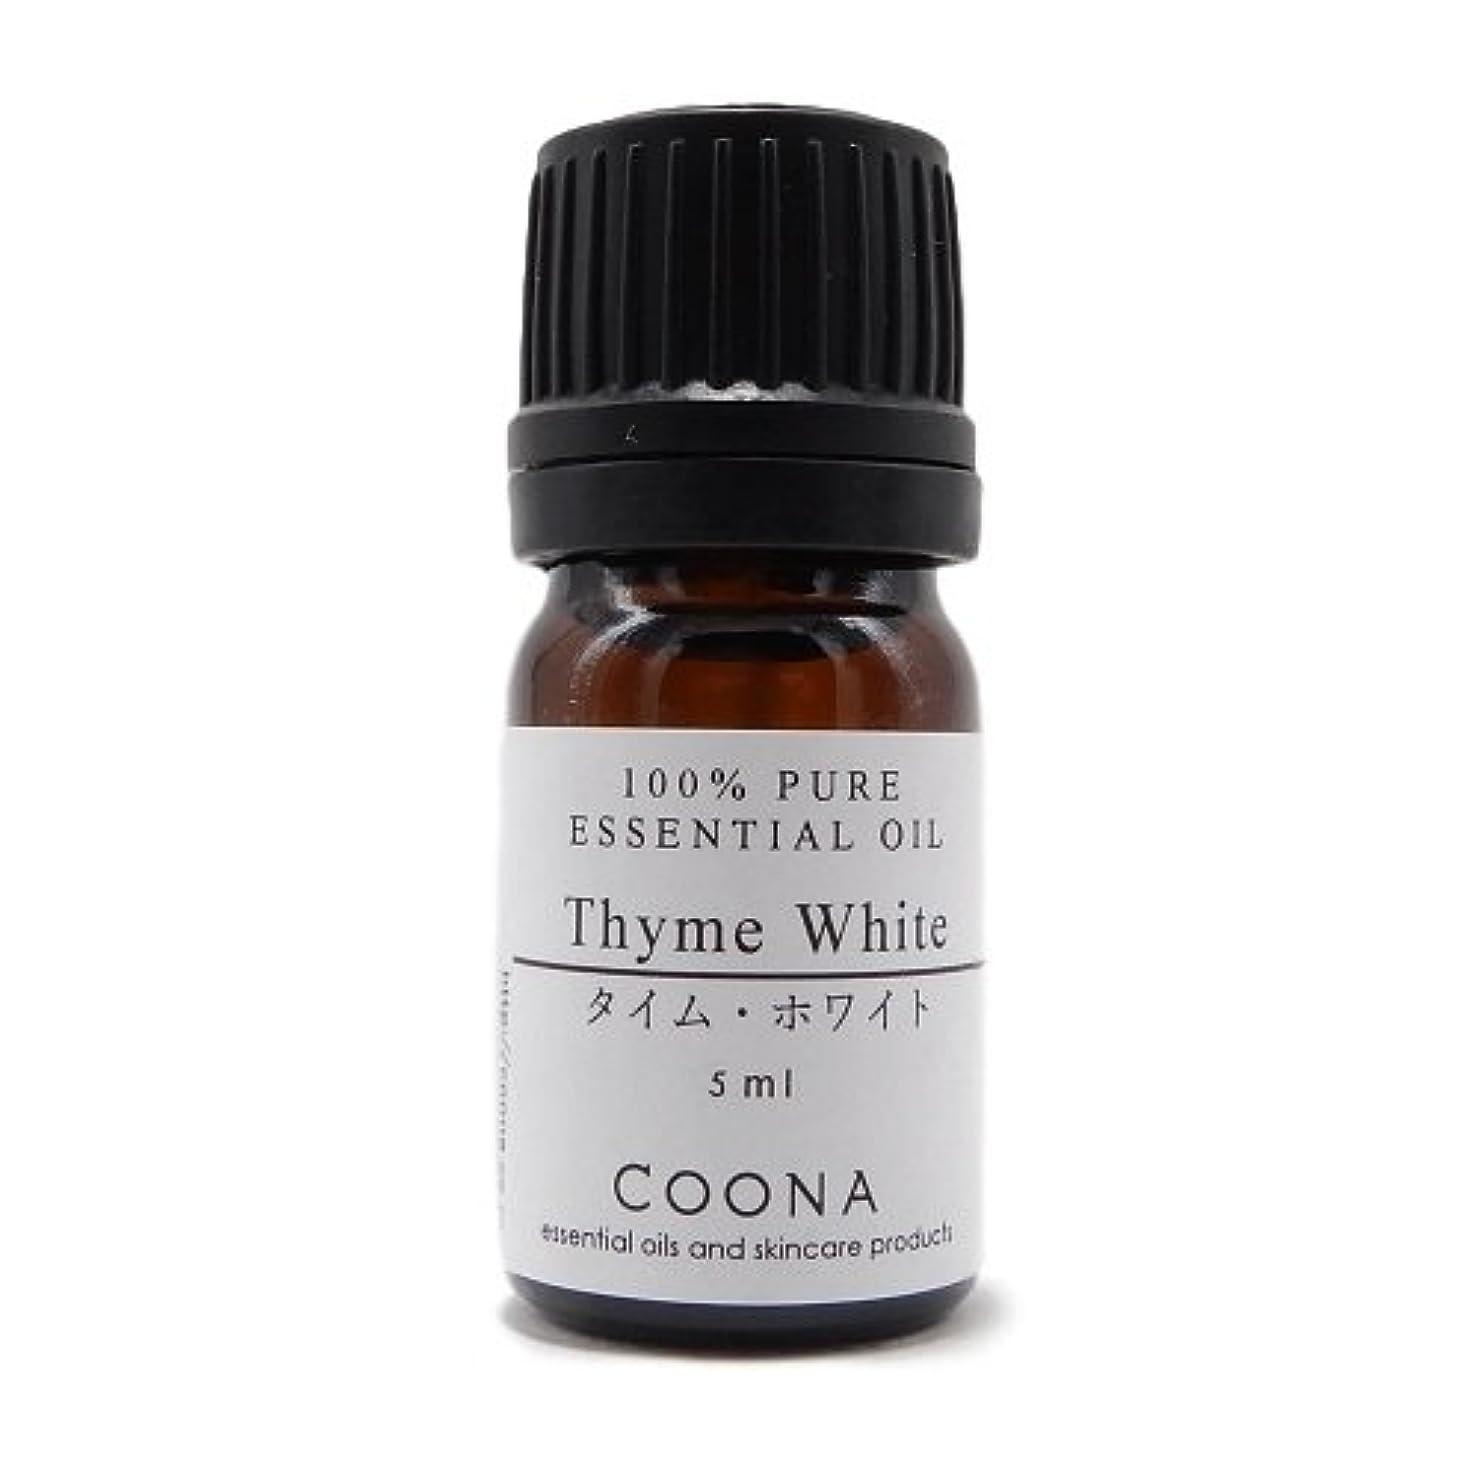 公然と肩をすくめるセメントタイム ホワイト 5 ml (COONA エッセンシャルオイル アロマオイル 100%天然植物精油)